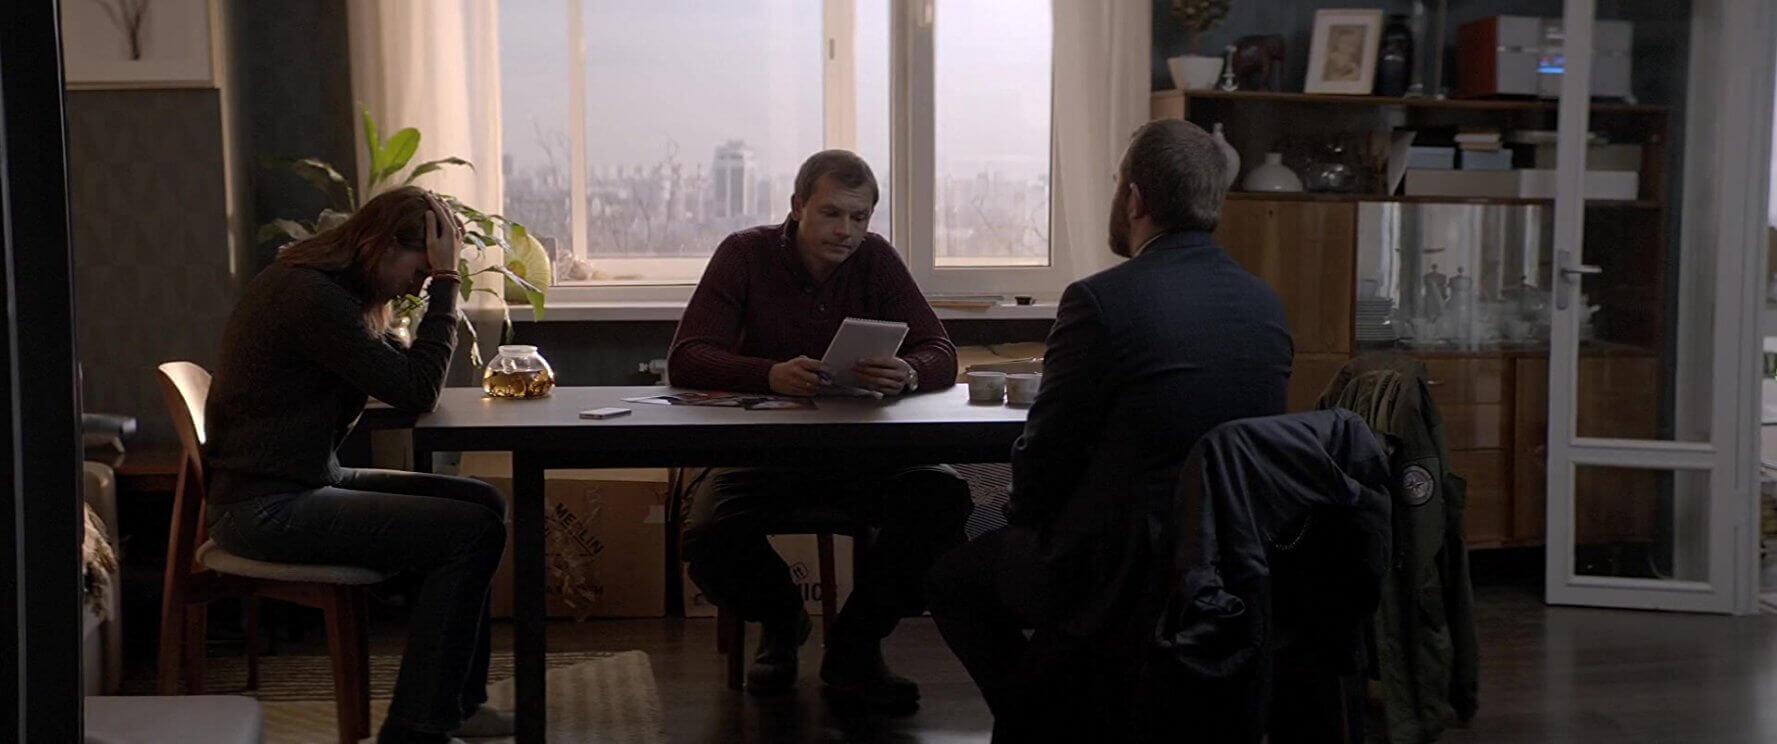 安德烈薩金塞夫 所執導的電影《 當愛不見了 》-劇照